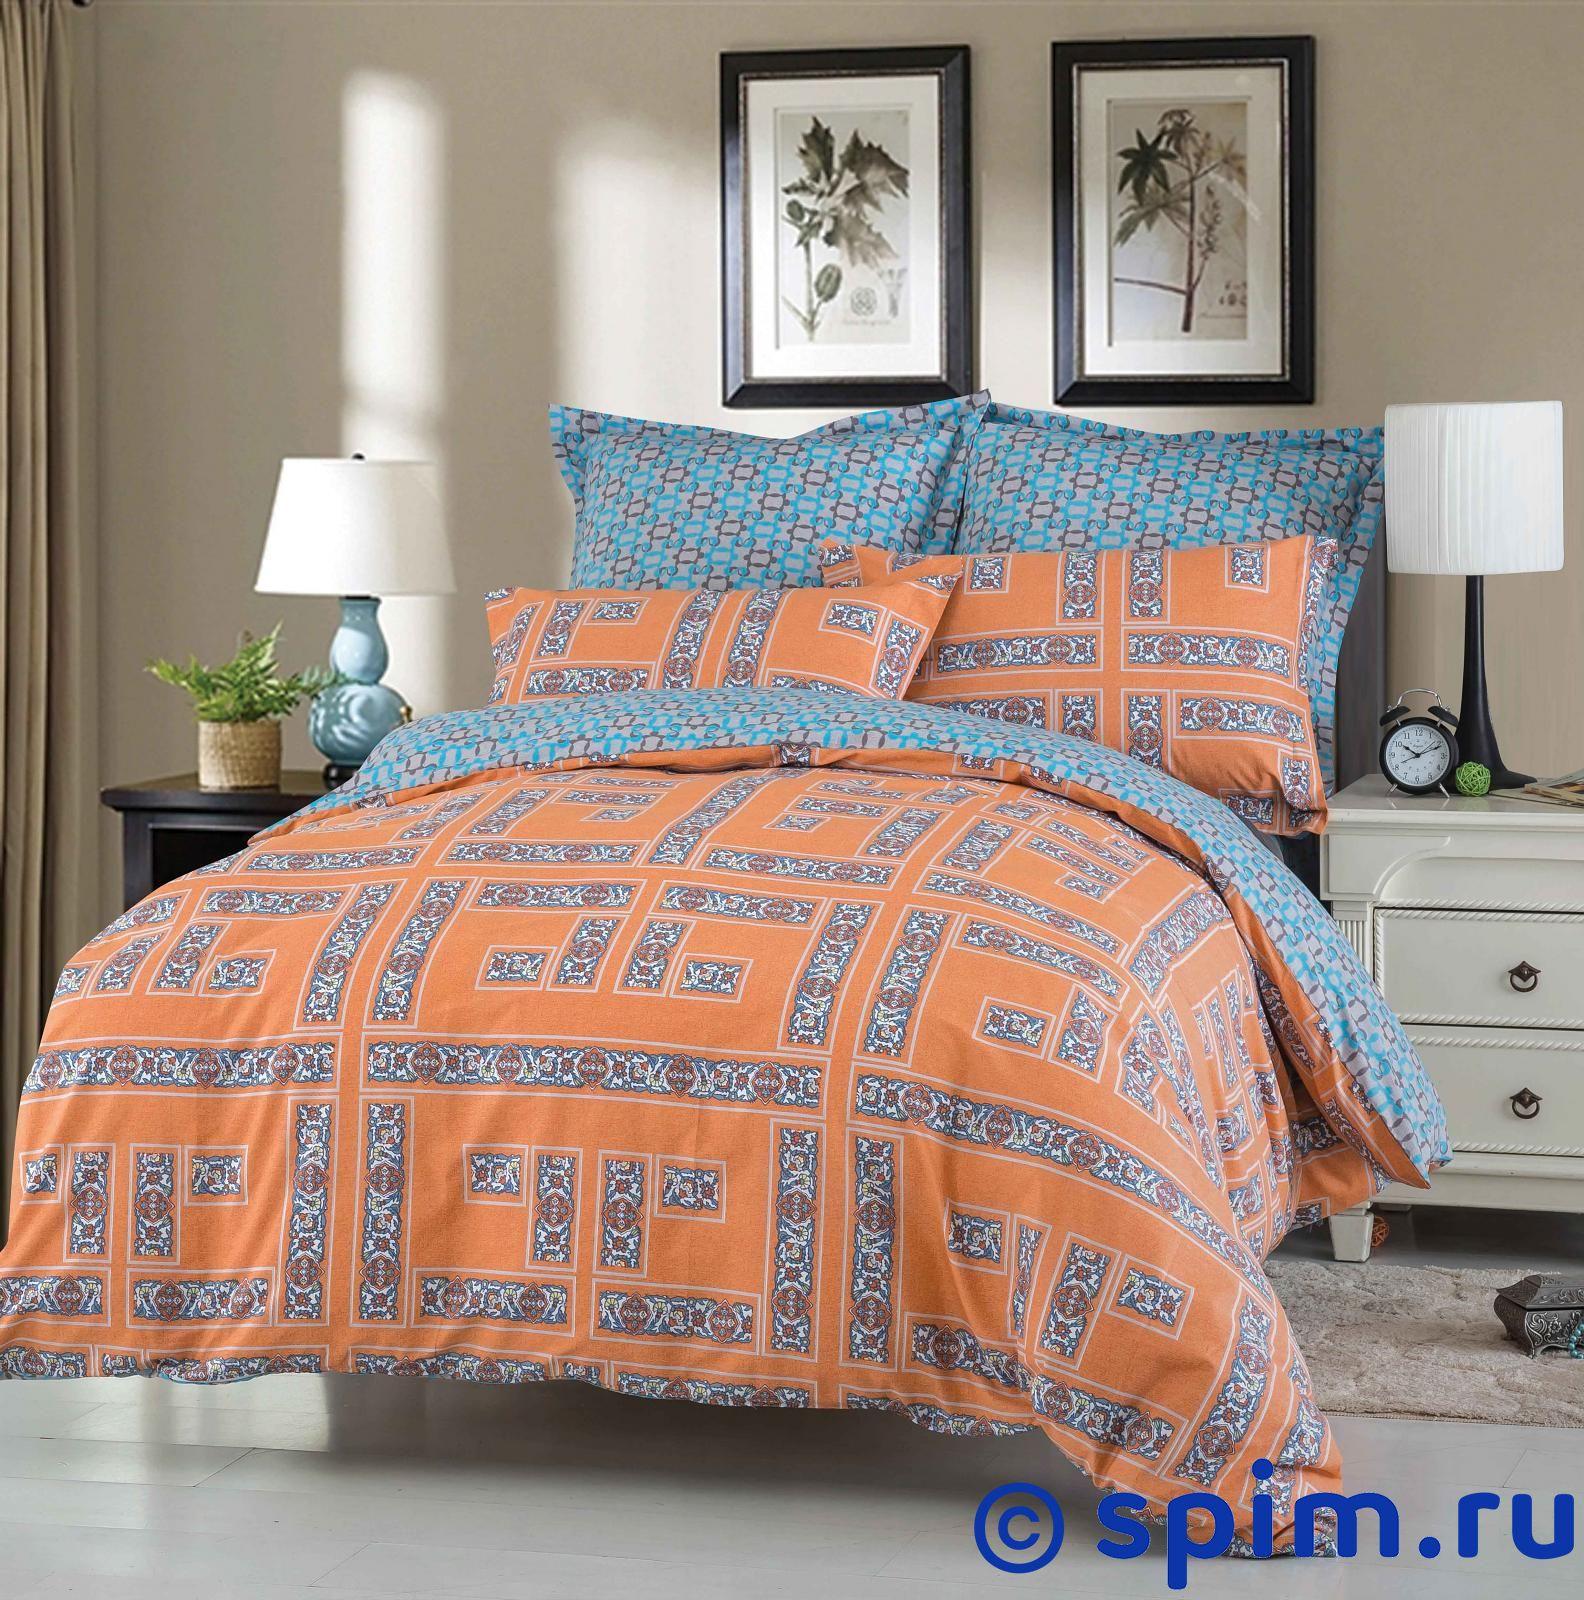 Постельное белье СайлиД В178 1.5 спальное  - Купить